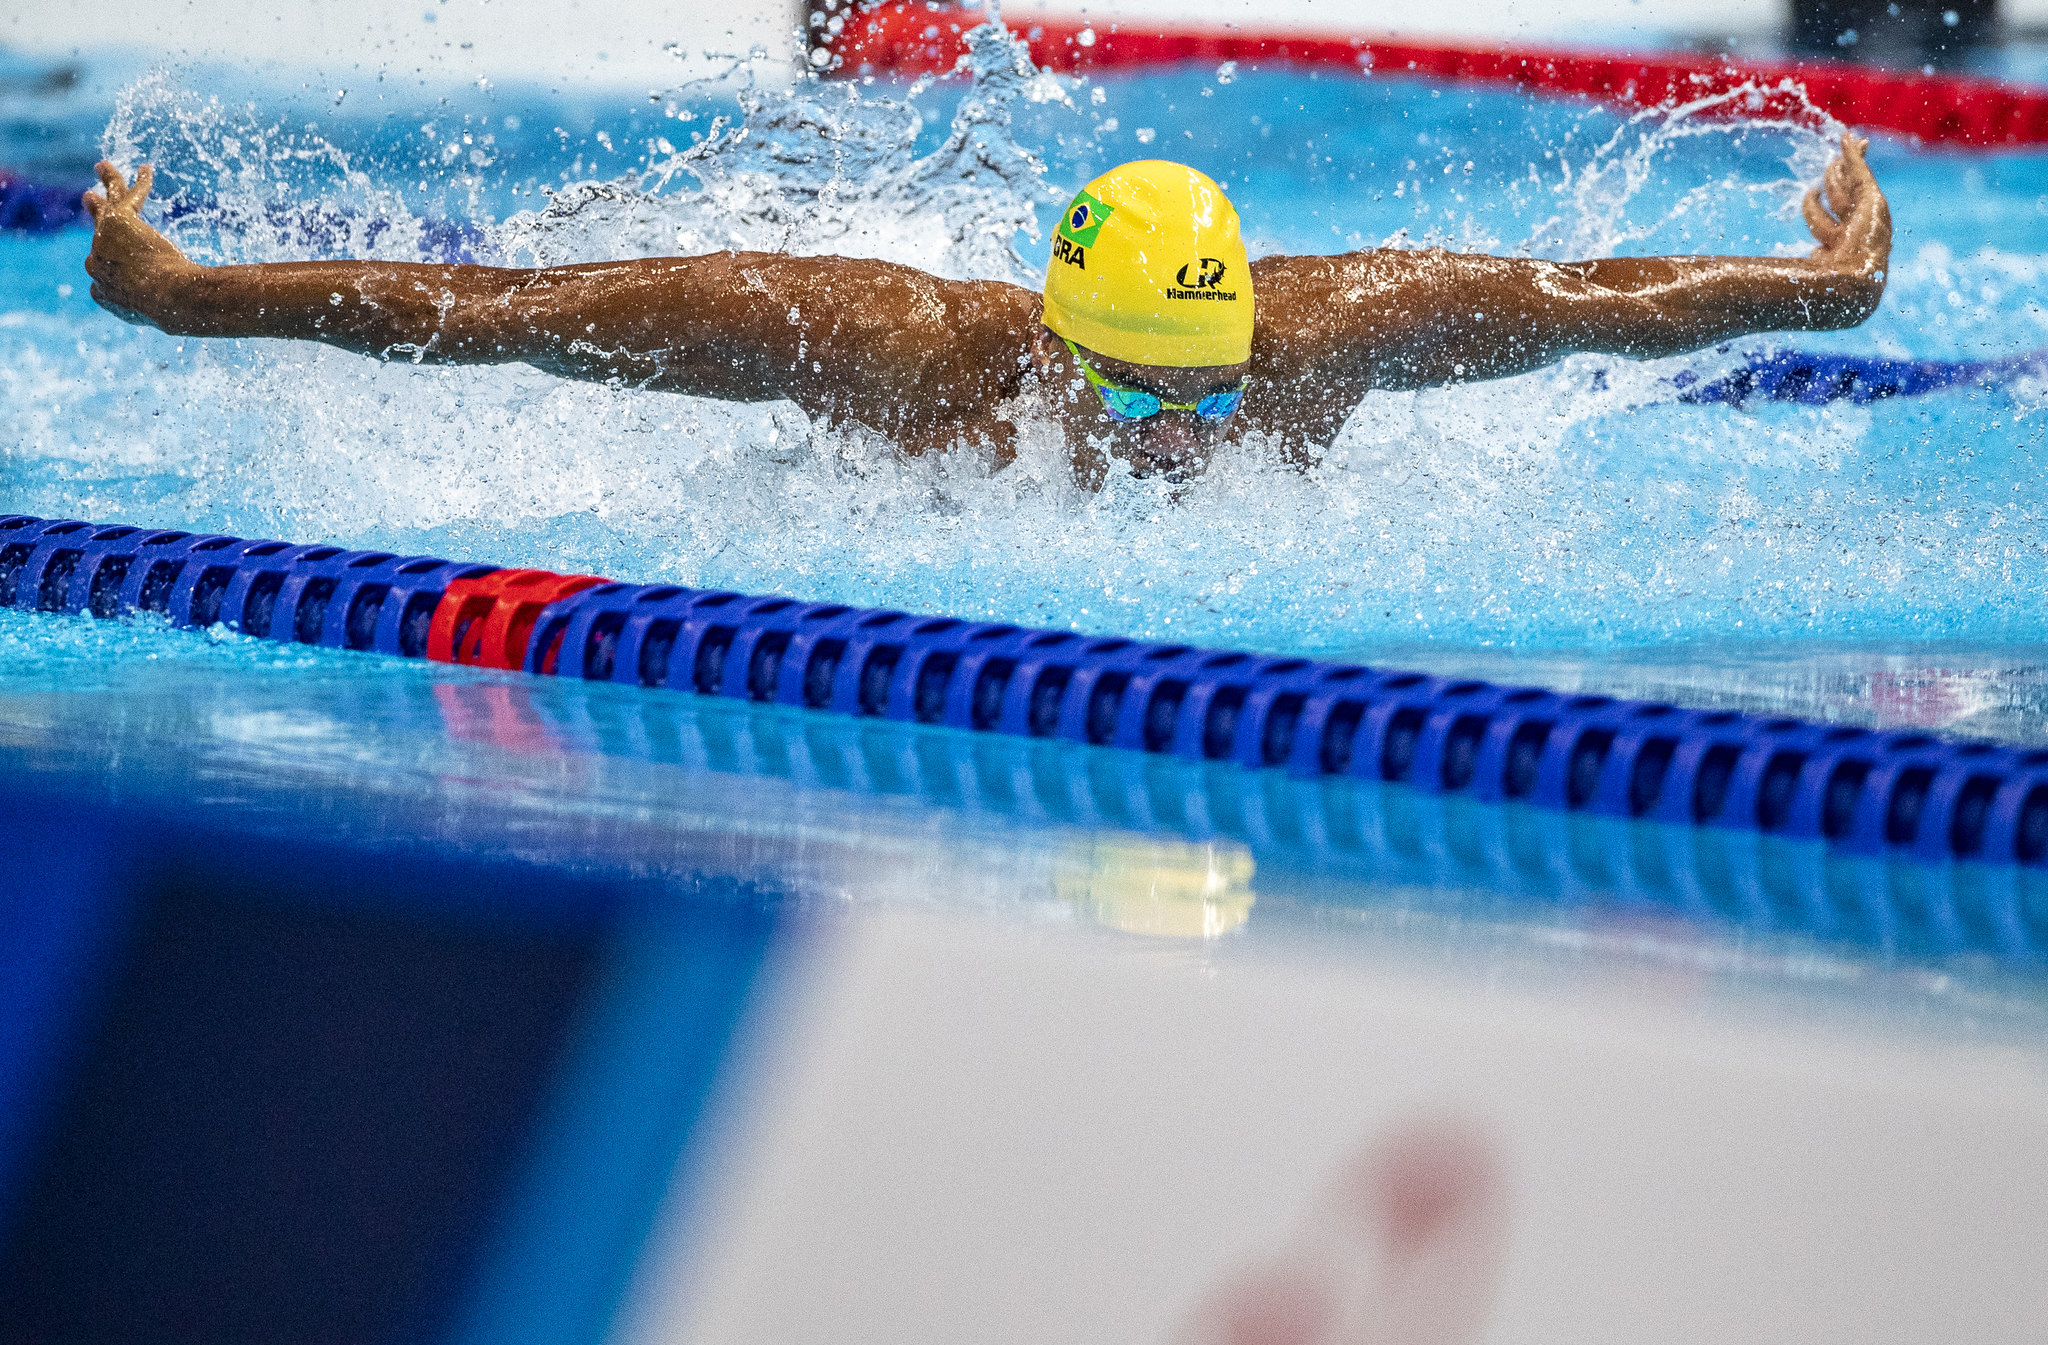 Usando uma touca amarela, Wendell Belarmino faz o nado borboleta com os dois braços para fora da água